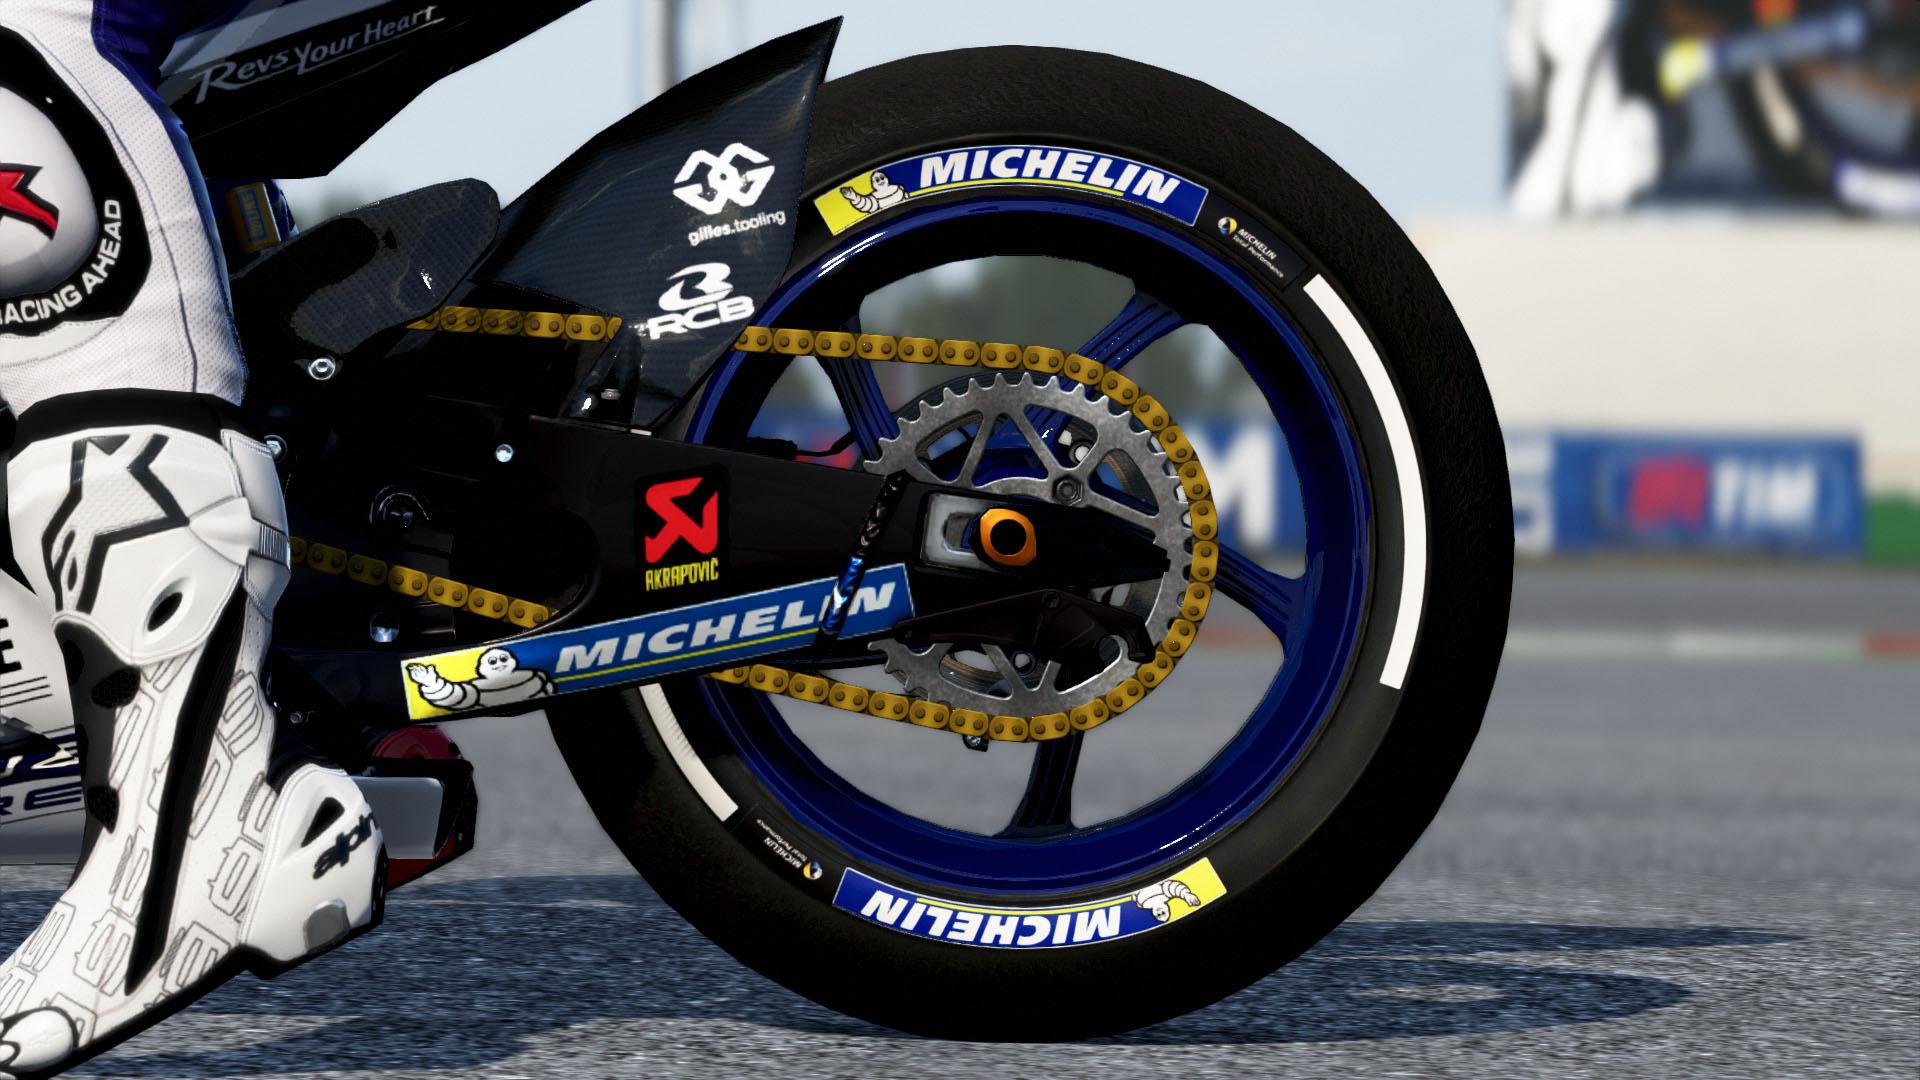 MotoGP15X64 2016-03-21 12-49-37-64.jpg